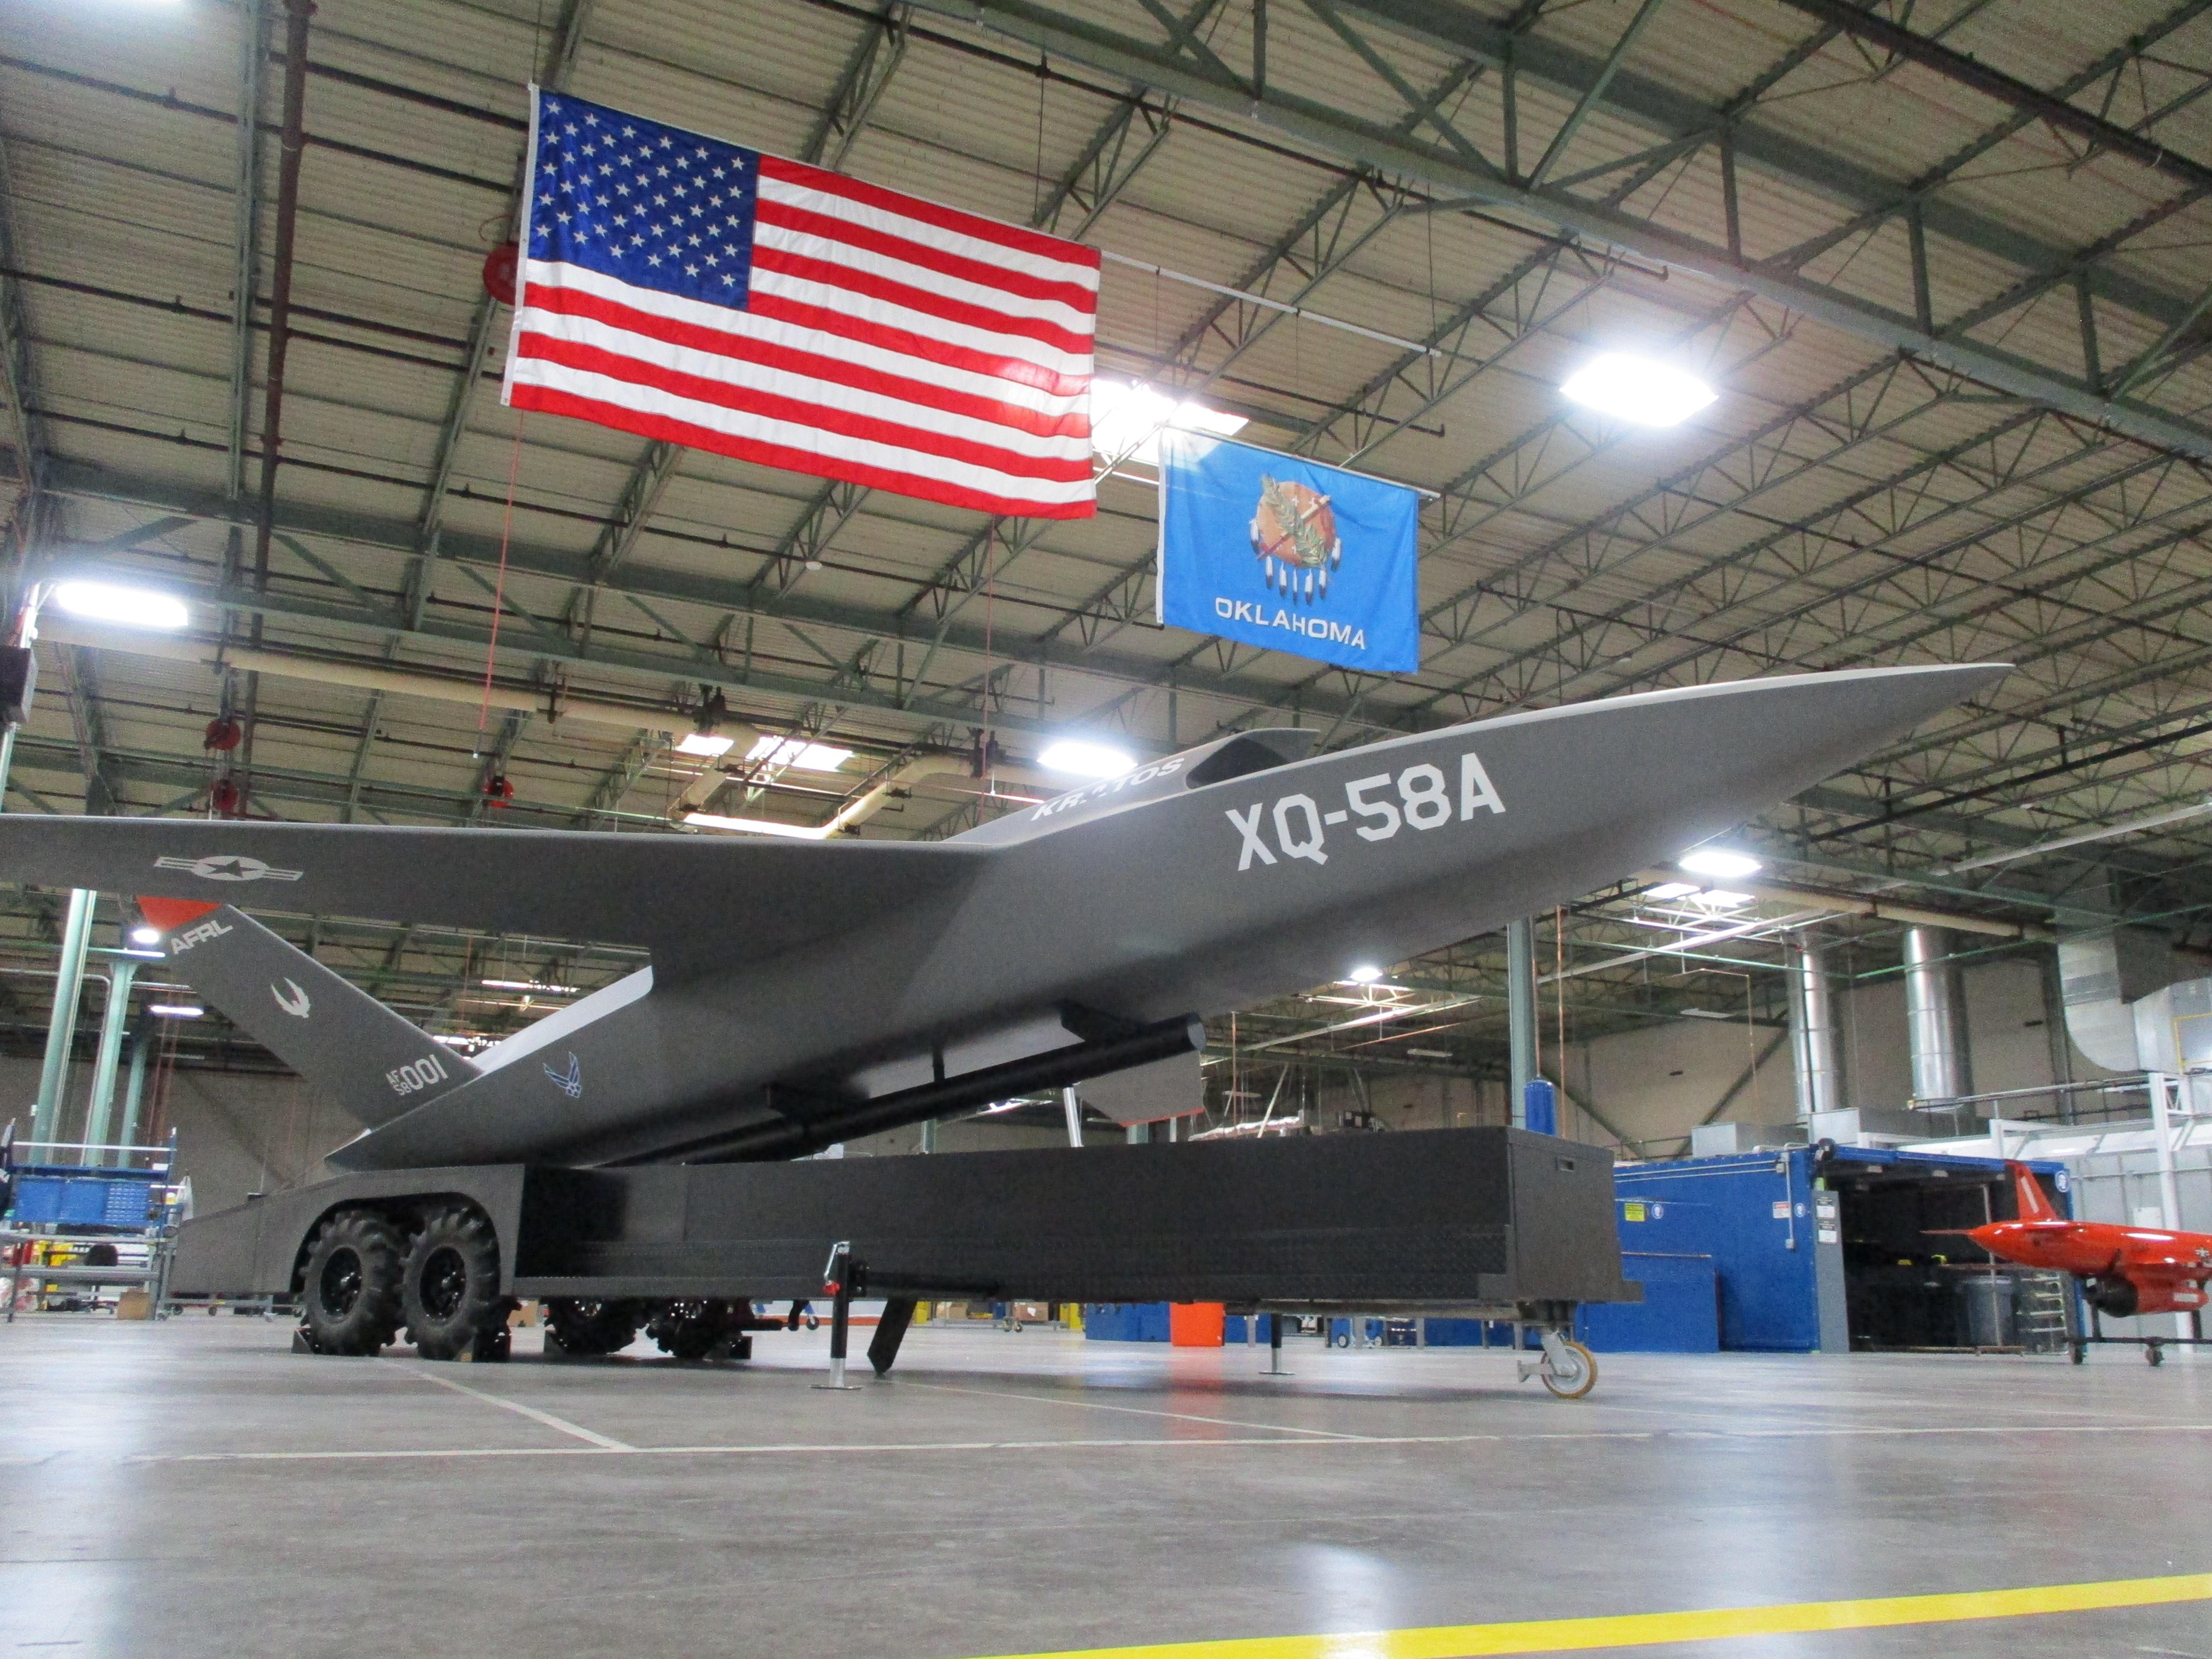 Valkyrie XQ-58A